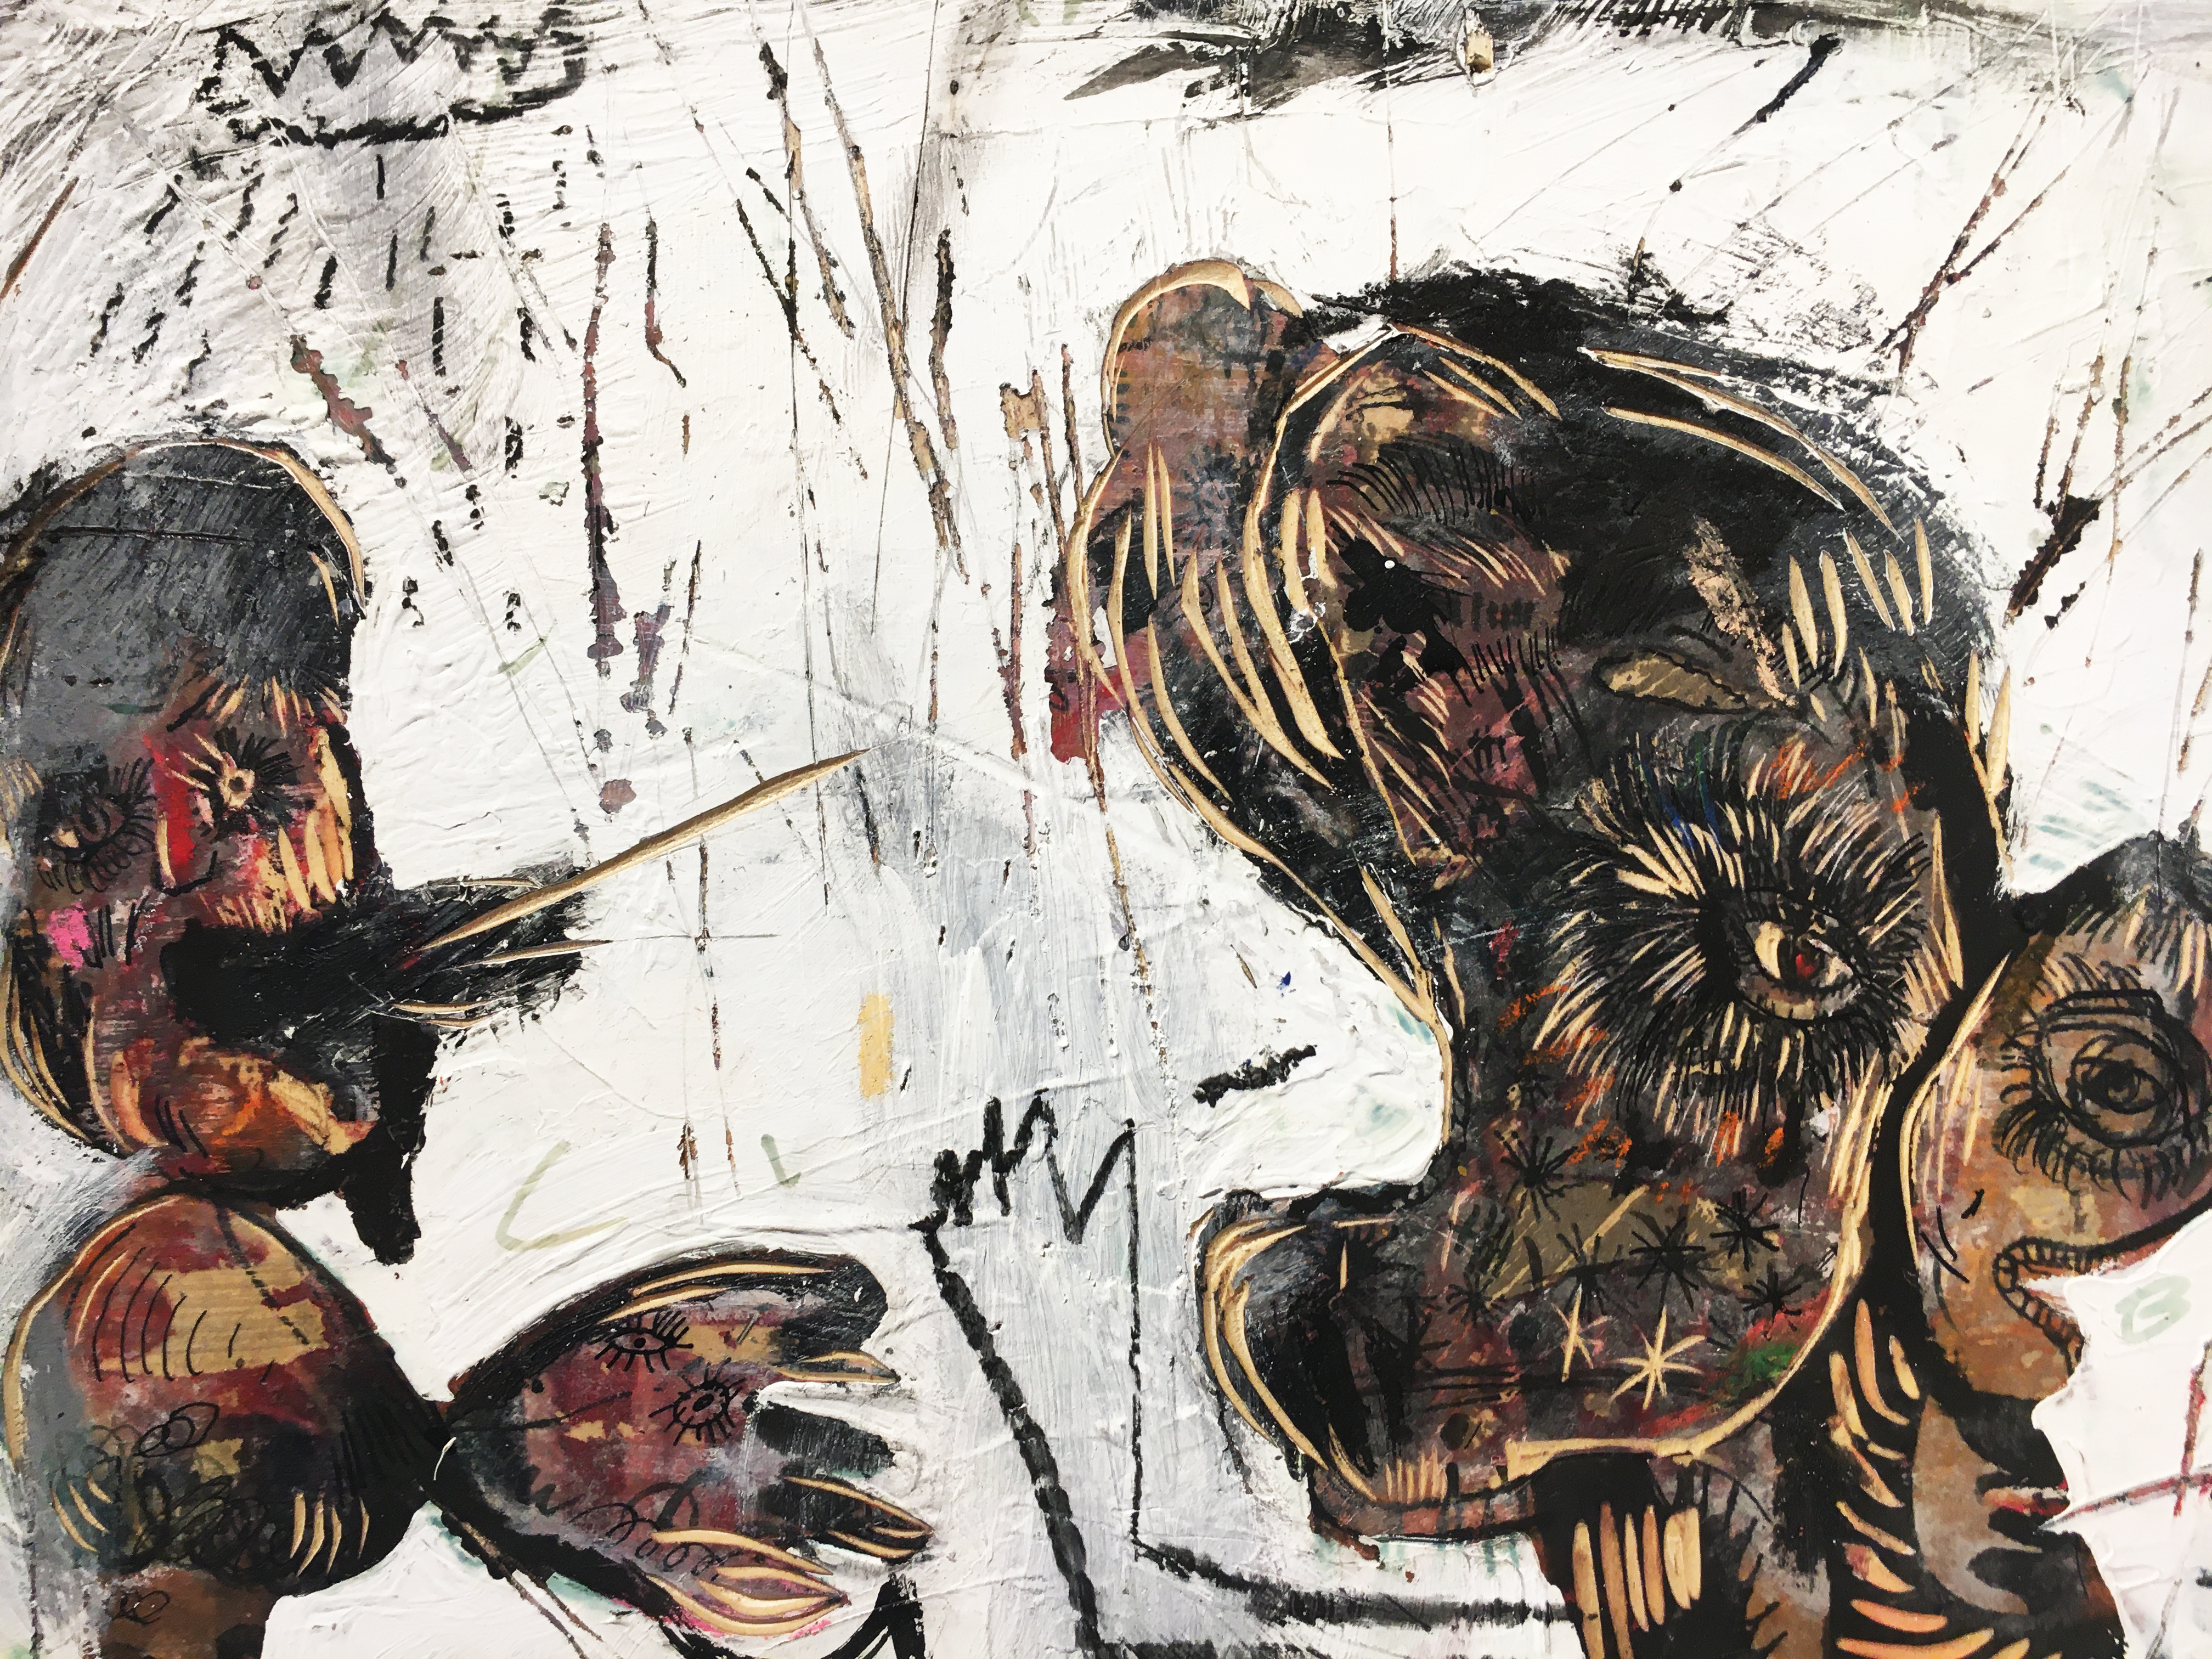 張瓊方,《講不聽》細節,30 x 45 cm,油彩、蠟筆、木板、壓克力板,2020。